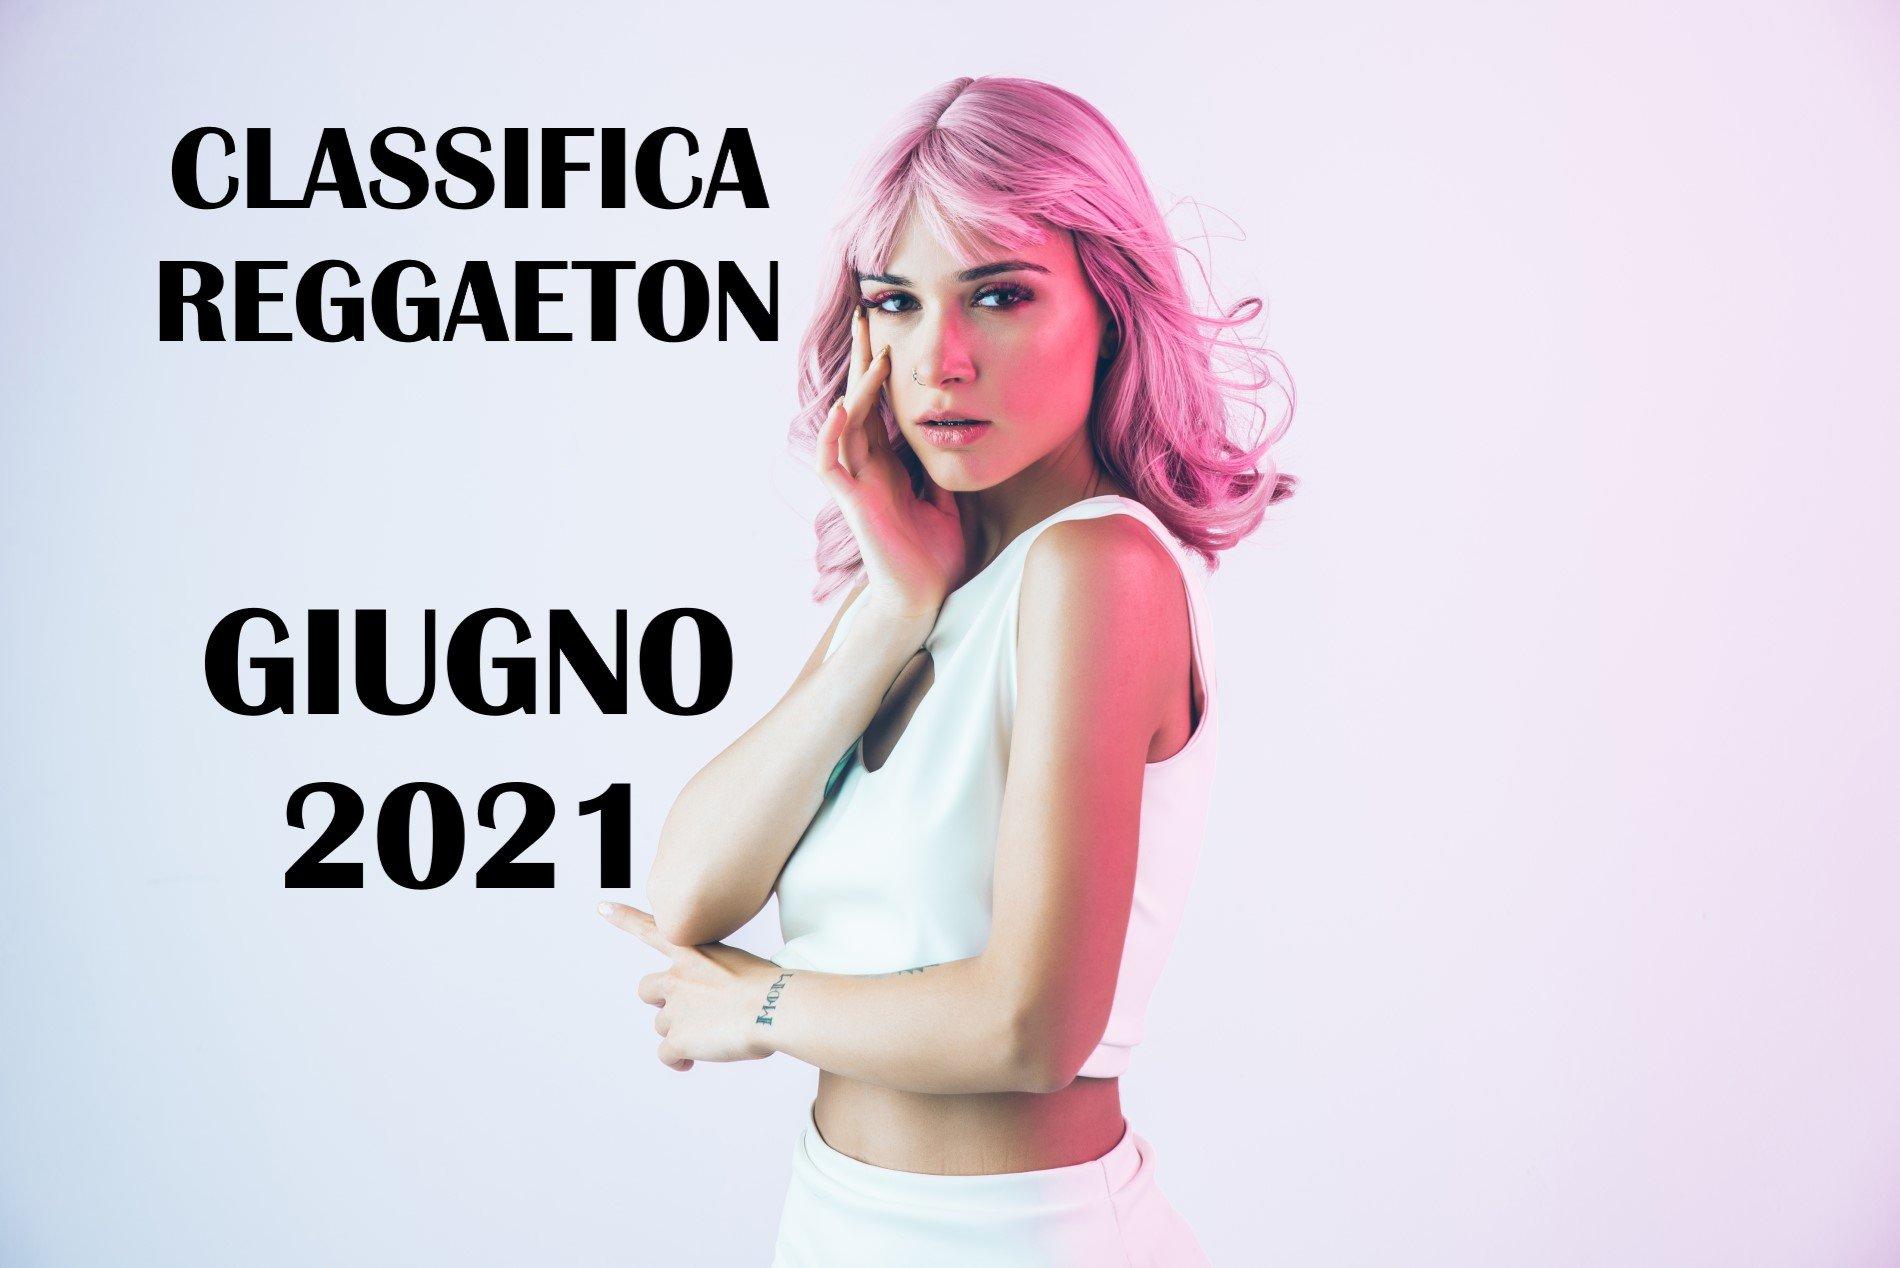 CLASSIFICA REGGAETON GIUGNO 2021 – LA MIGLIORE MUSICA REGGAETON GIUGNO 2021